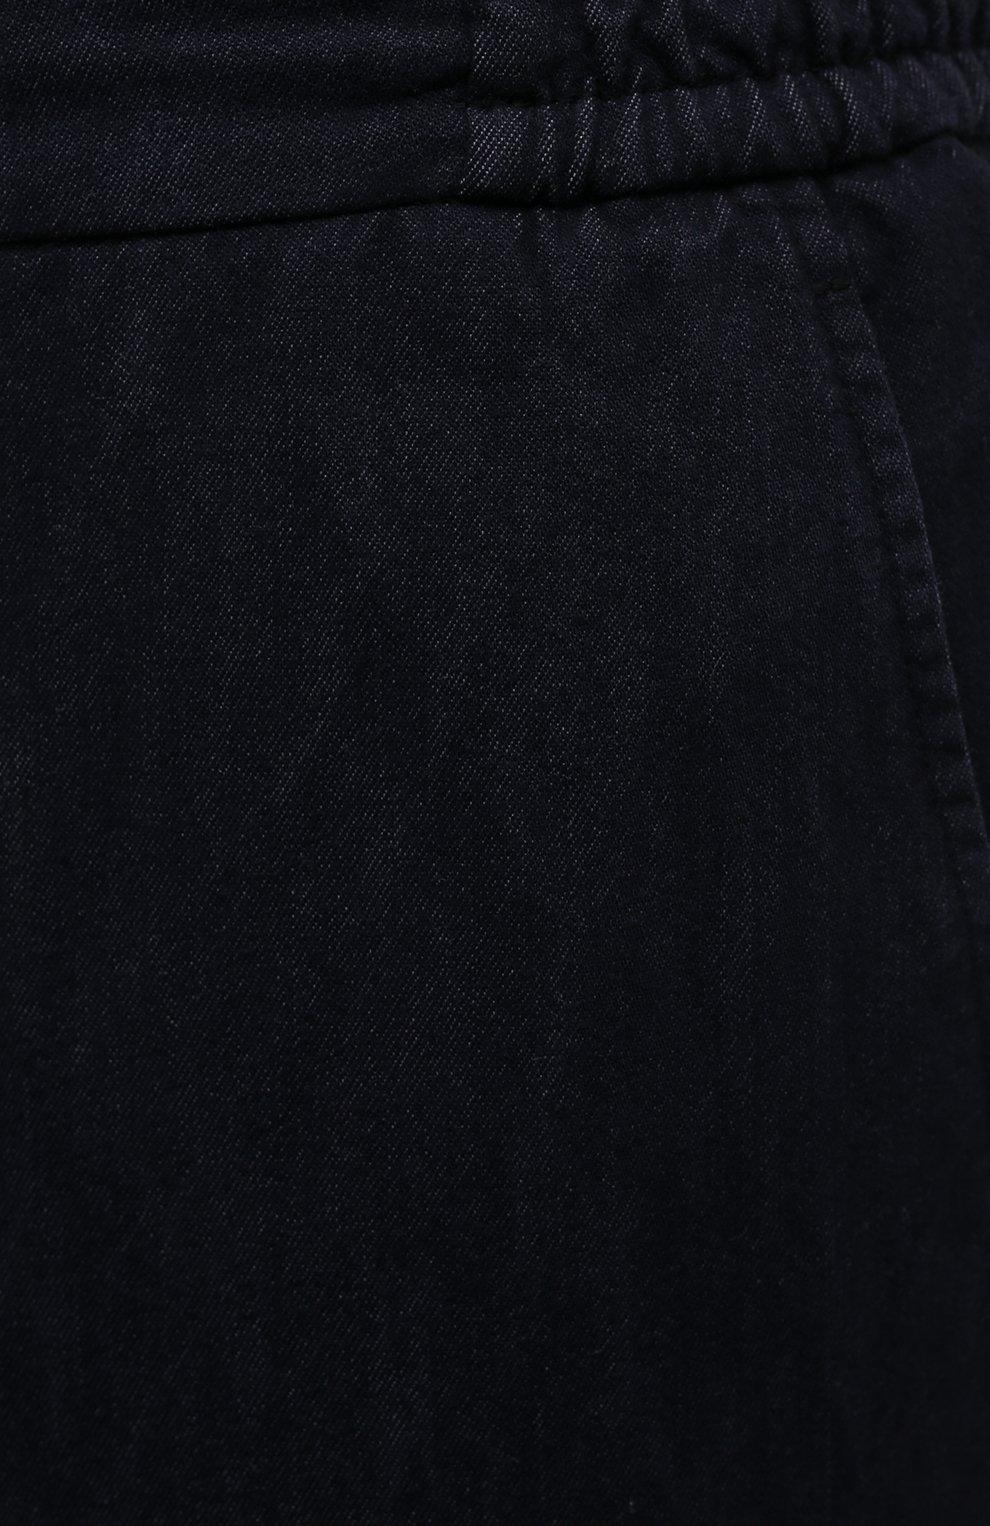 Мужские брюки ANDREA CAMPAGNA темно-синего цвета, арт. SPIAGGIA/PU0225X | Фото 5 (Длина (брюки, джинсы): Стандартные; Случай: Повседневный; Материал внешний: Хлопок; Стили: Кэжуэл)